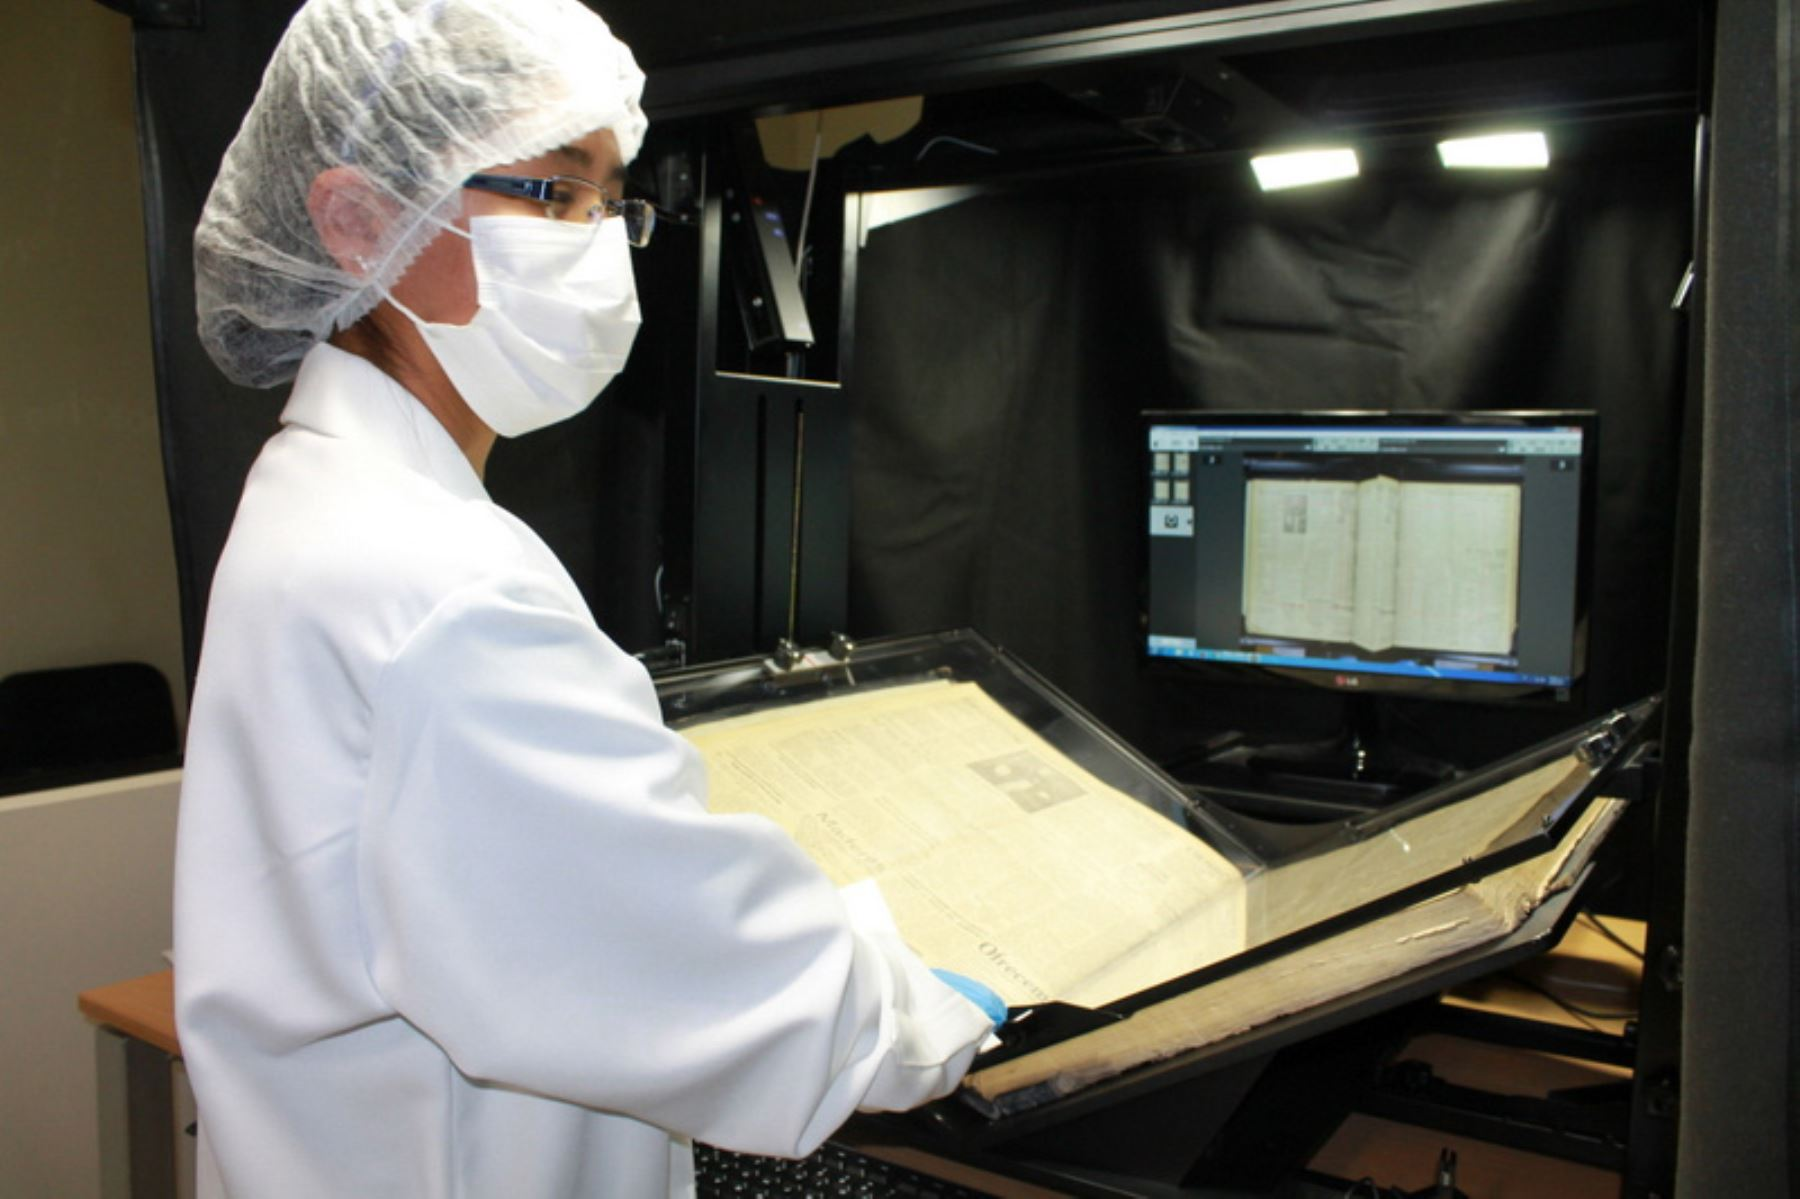 Los archivos digitales de los diarios El Republicano y La Bolsa, que circularon en los siglos XIX y XX en Arequipa, fueron entregados hoy a la biblioteca municipal y al Seminario San Jerónimo.